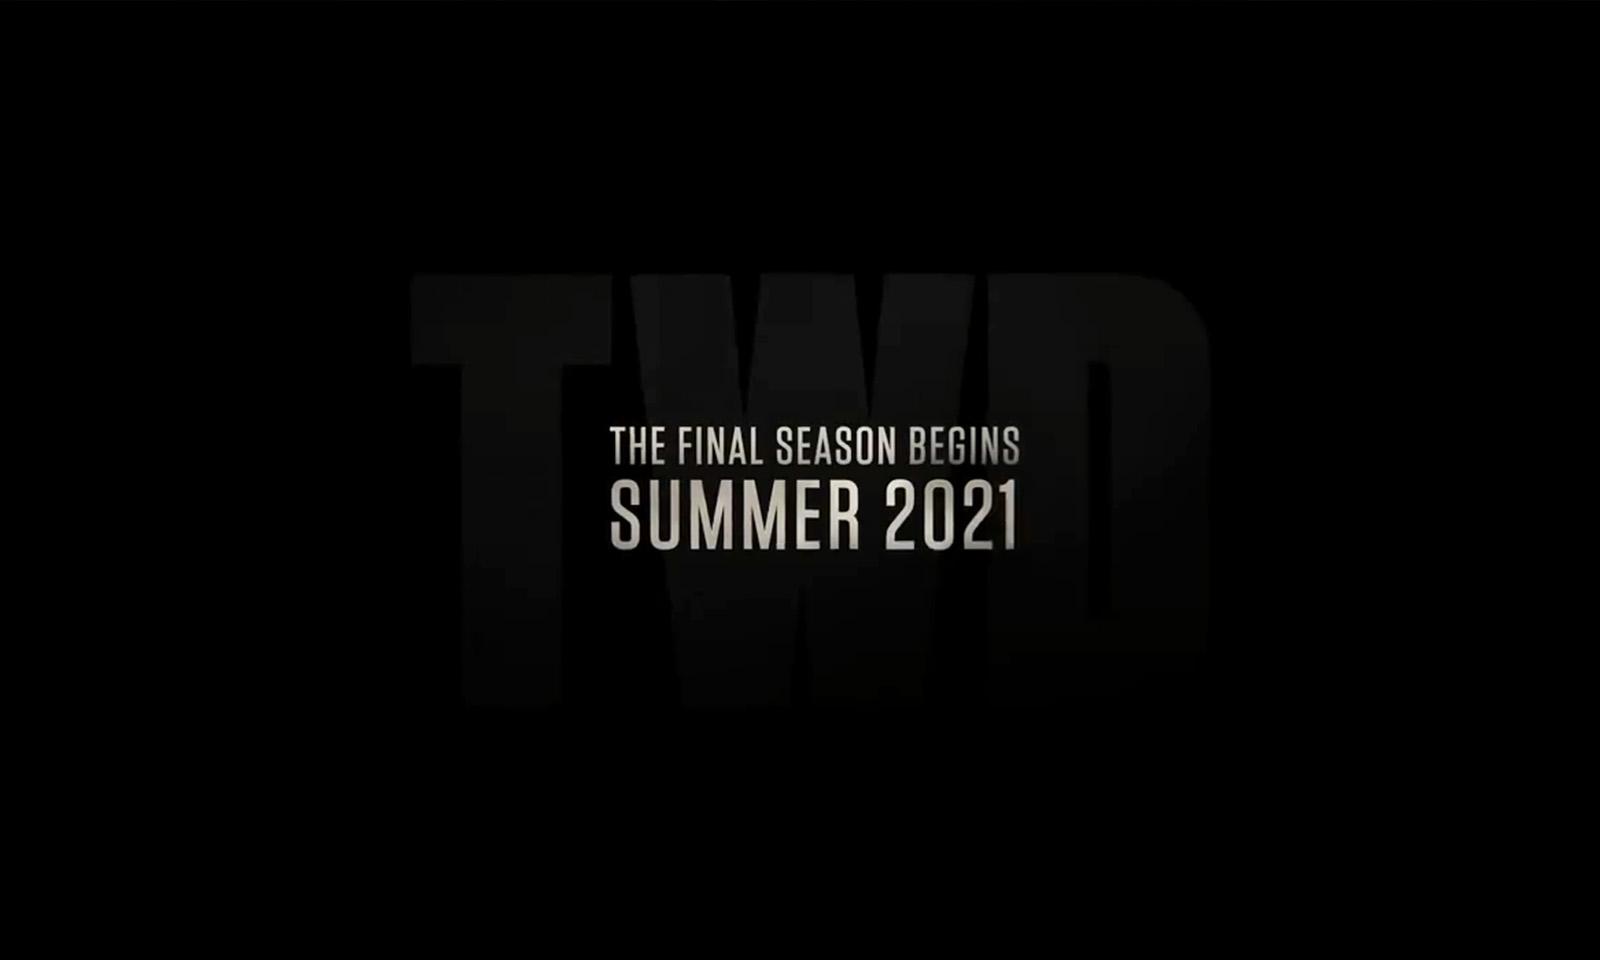 imagem com a previsão de estreia da 11ª temporada de The Walking Dead para o verão dos EUA